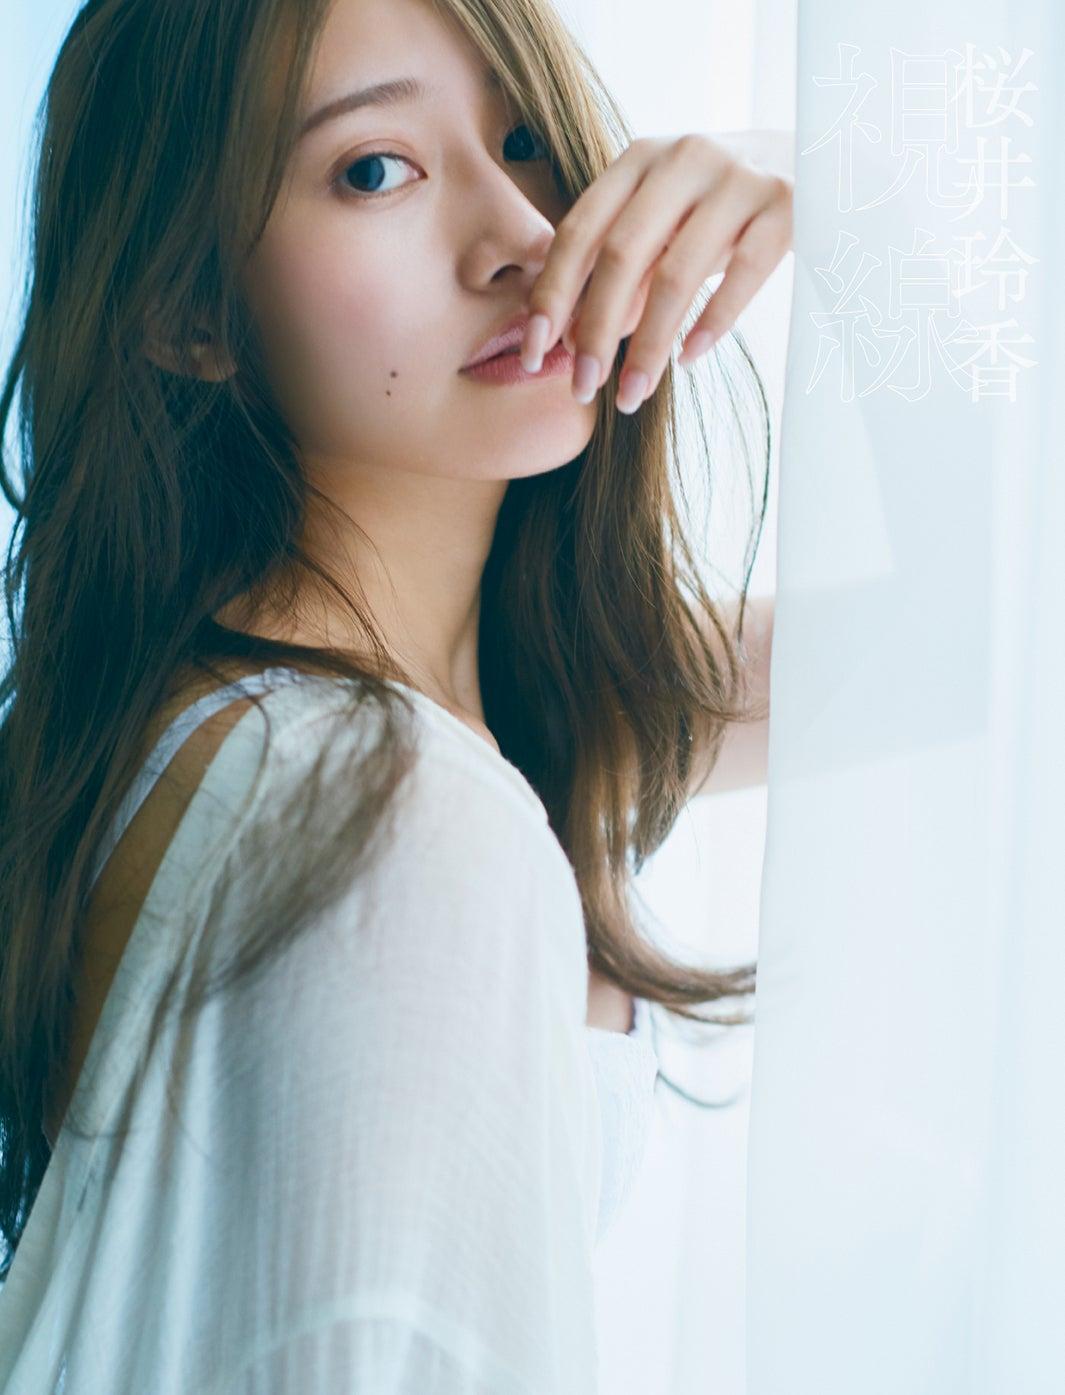 桜井玲香2nd写真集『視線』表紙 HMV